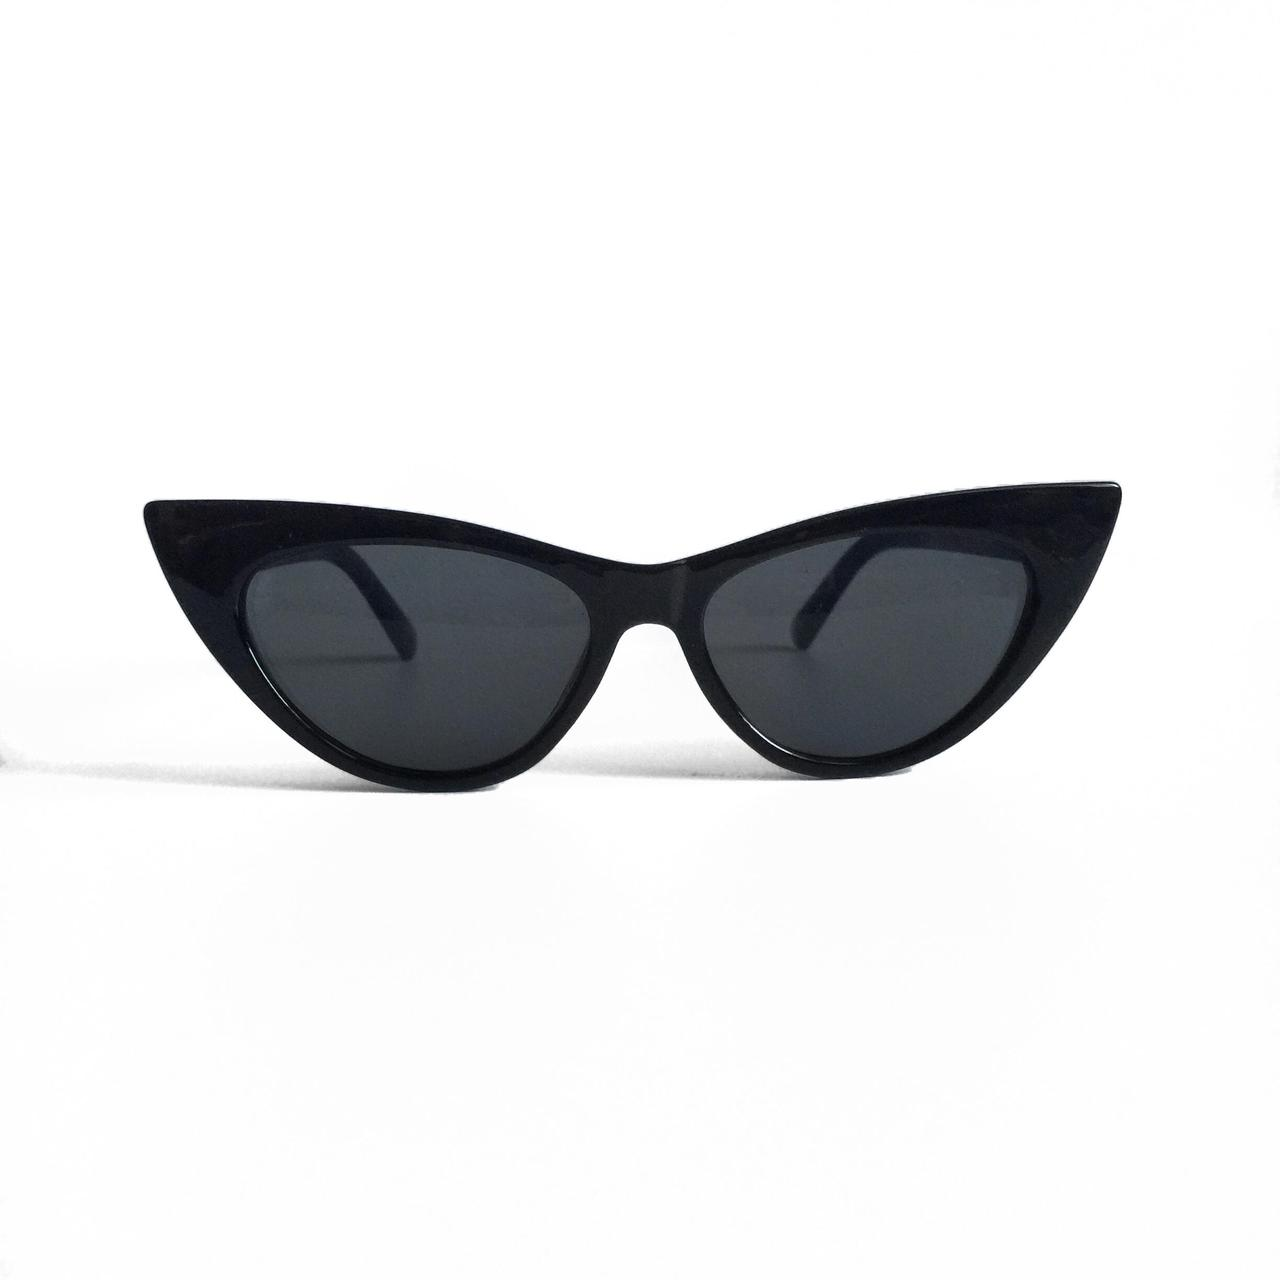 Женские солнцезащитные очки лисы в чёрной оправе со смоки линзами